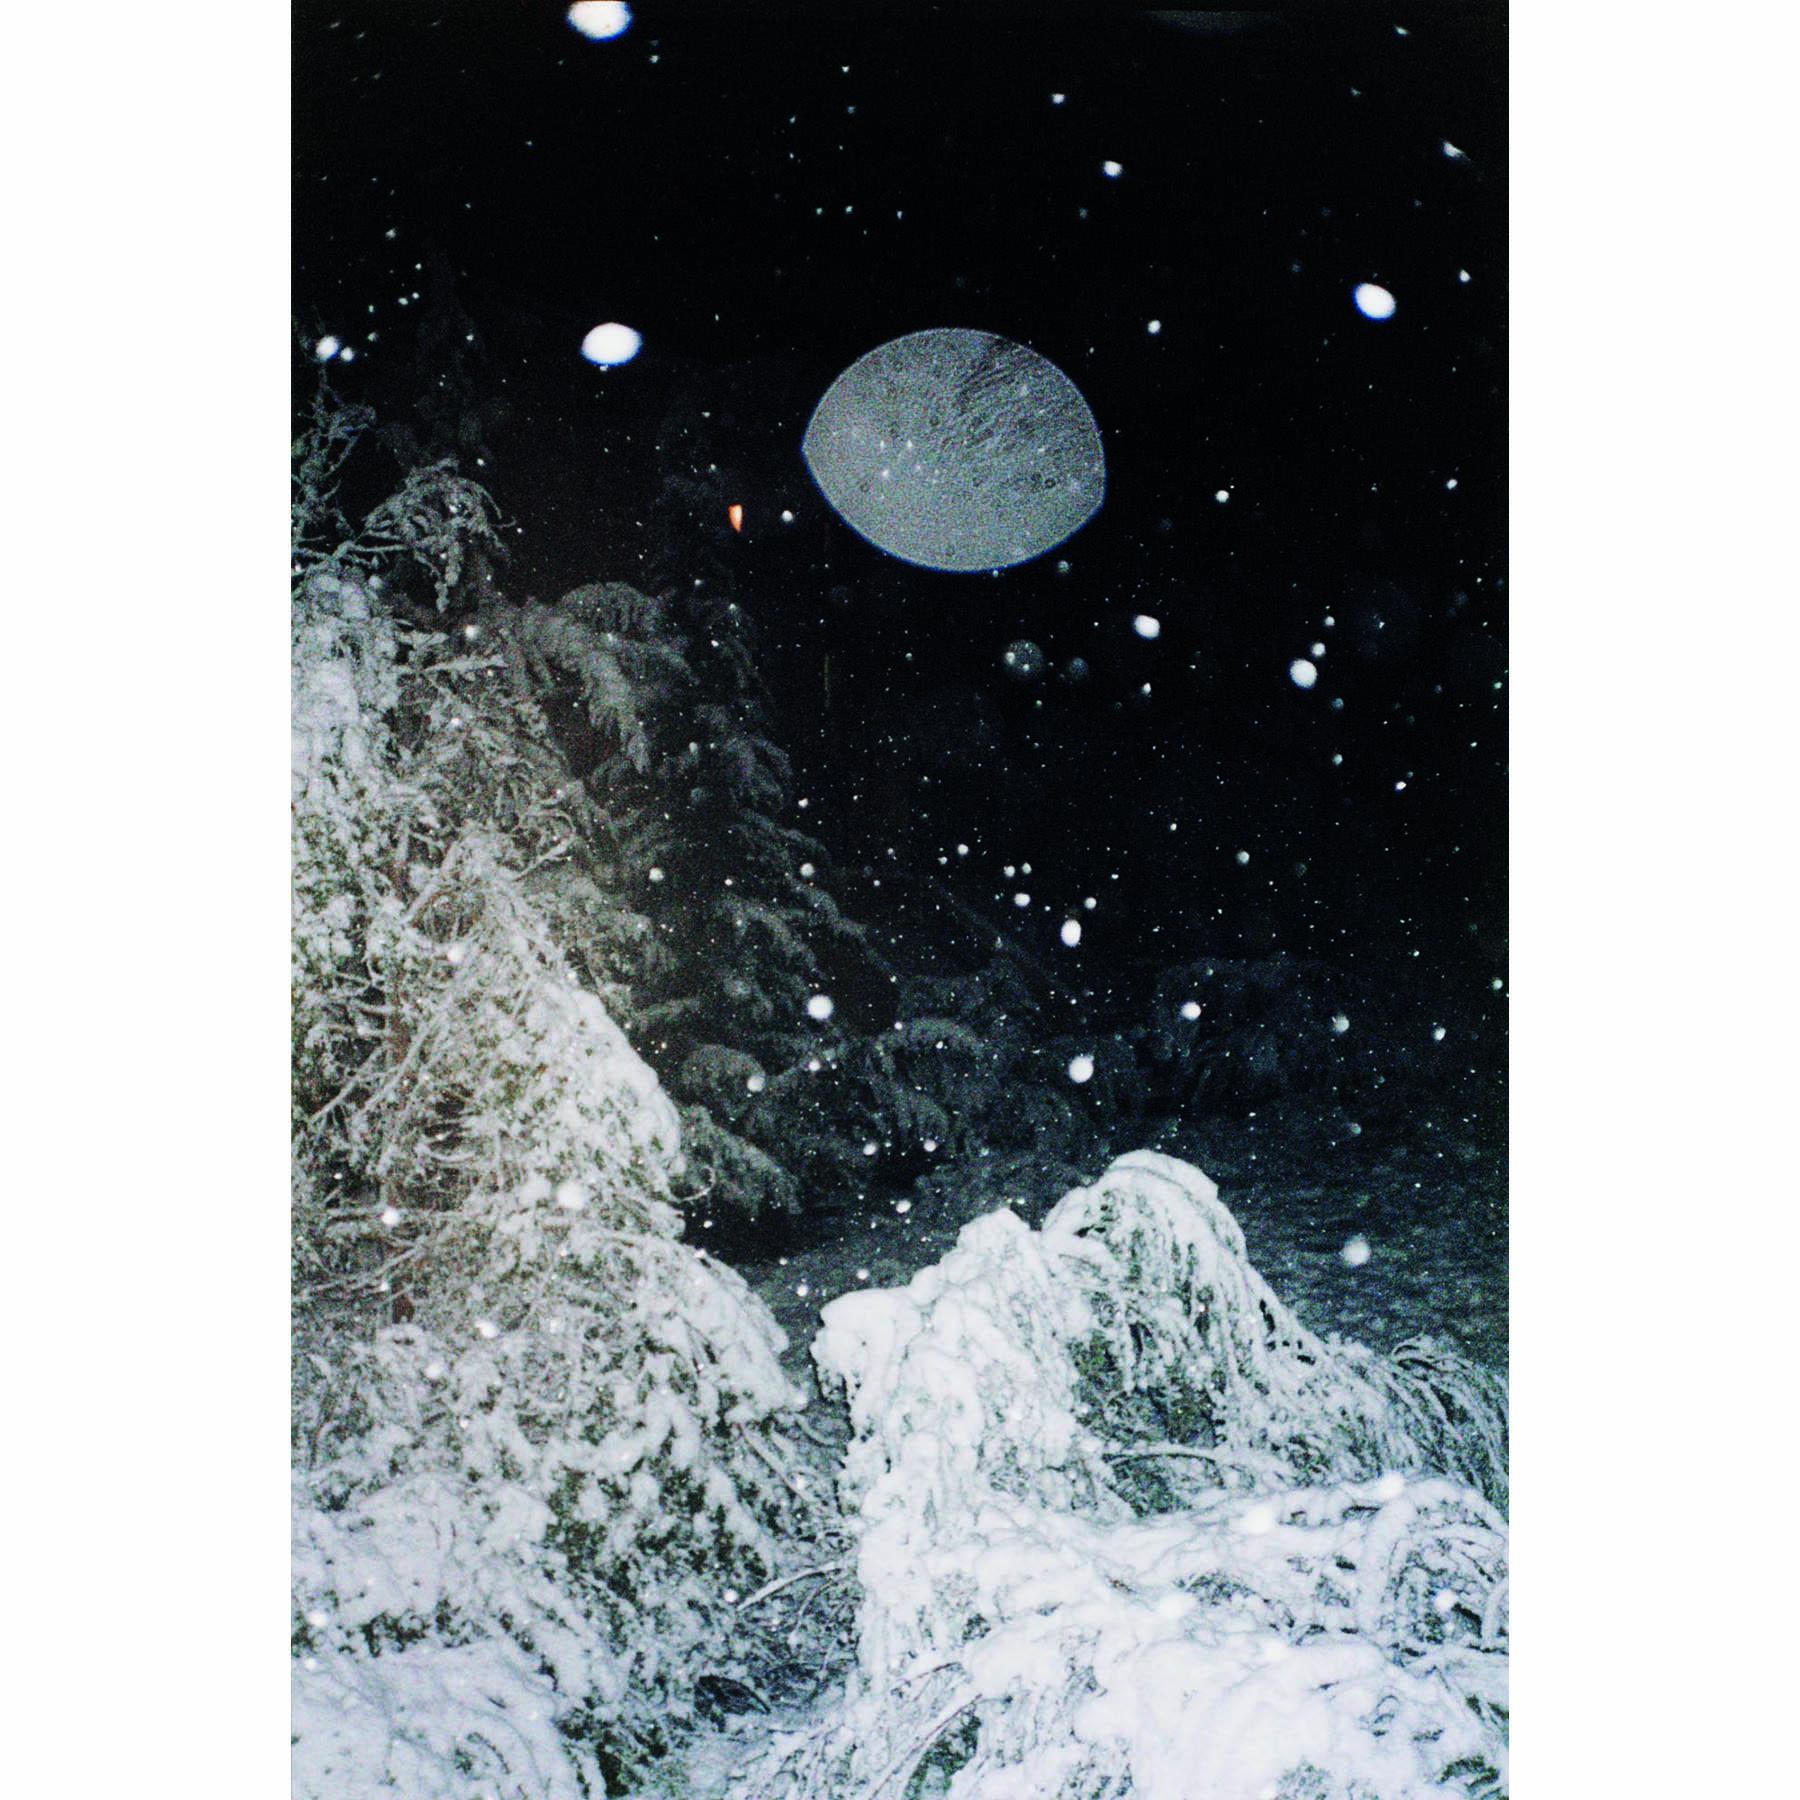 Anna Yam, Untitled, 2019, digital print, 70 x 50 cm